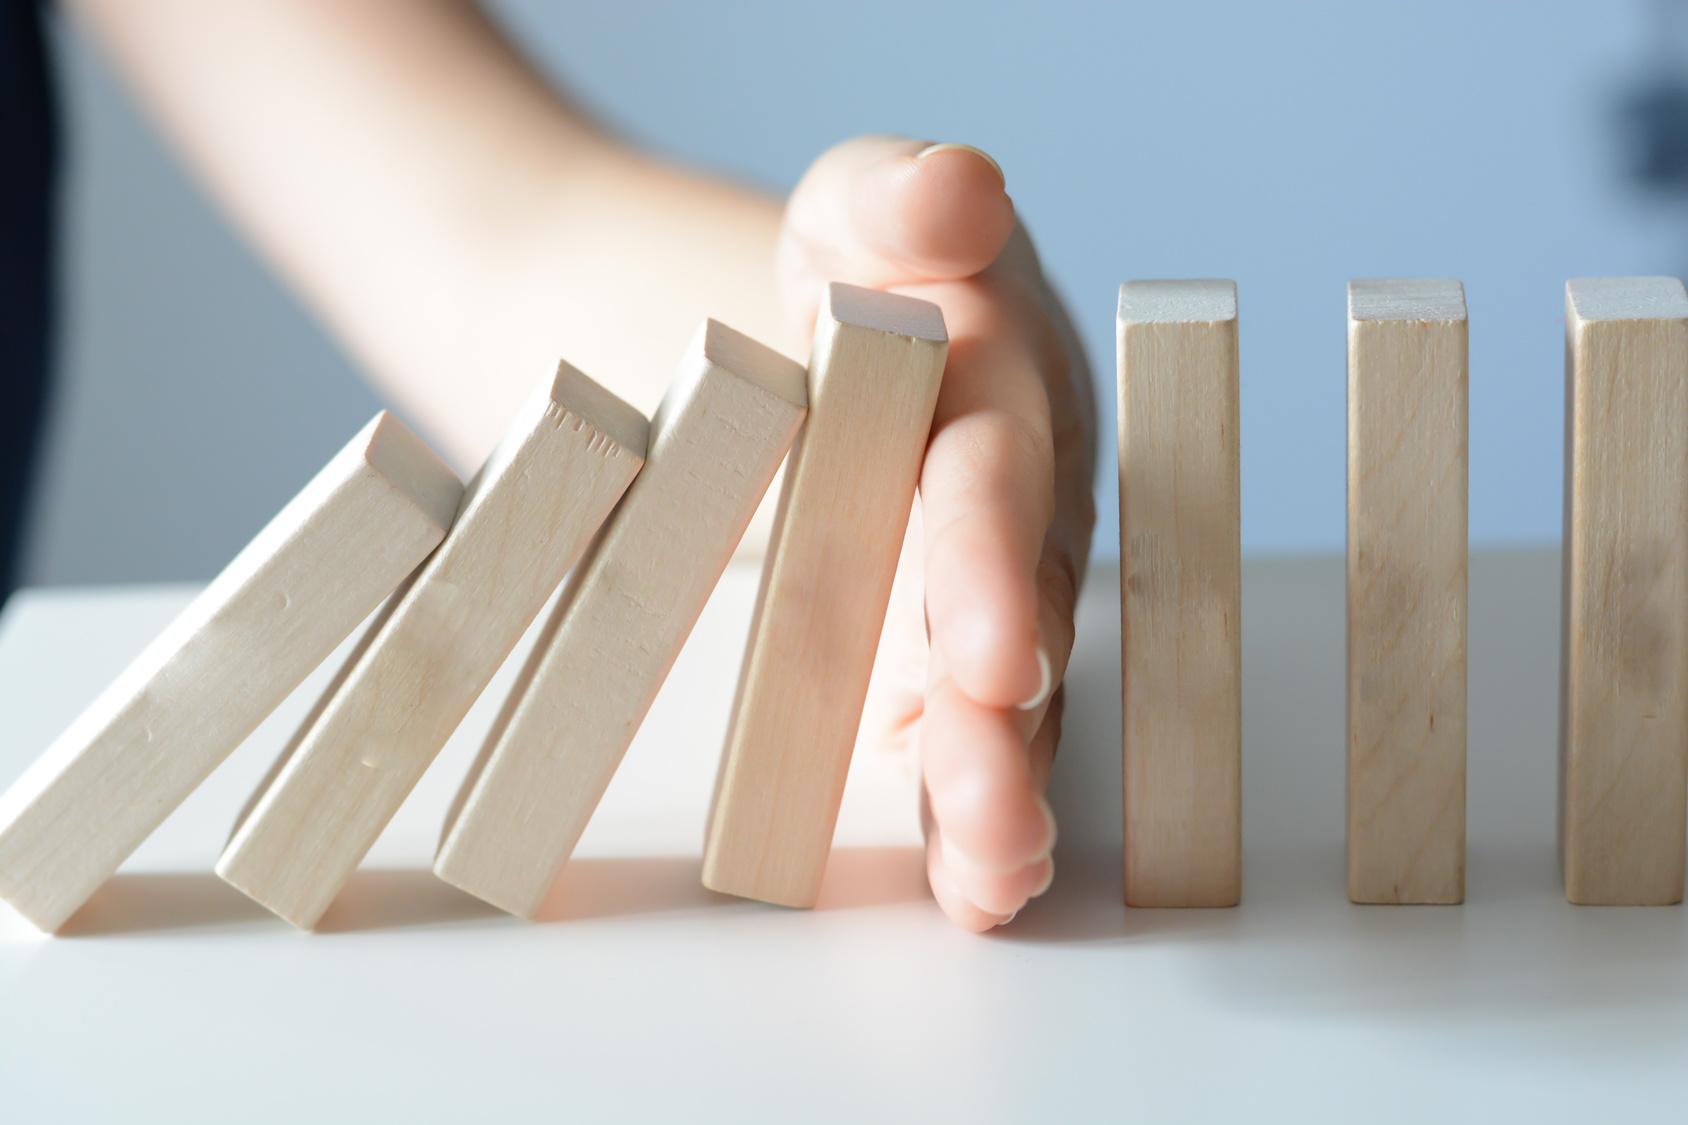 Unternehmensberatung Interim Management, Wertsicherung, Wertsteigerung, Wertentwicklung. Fehlentwicklungen aufhalten